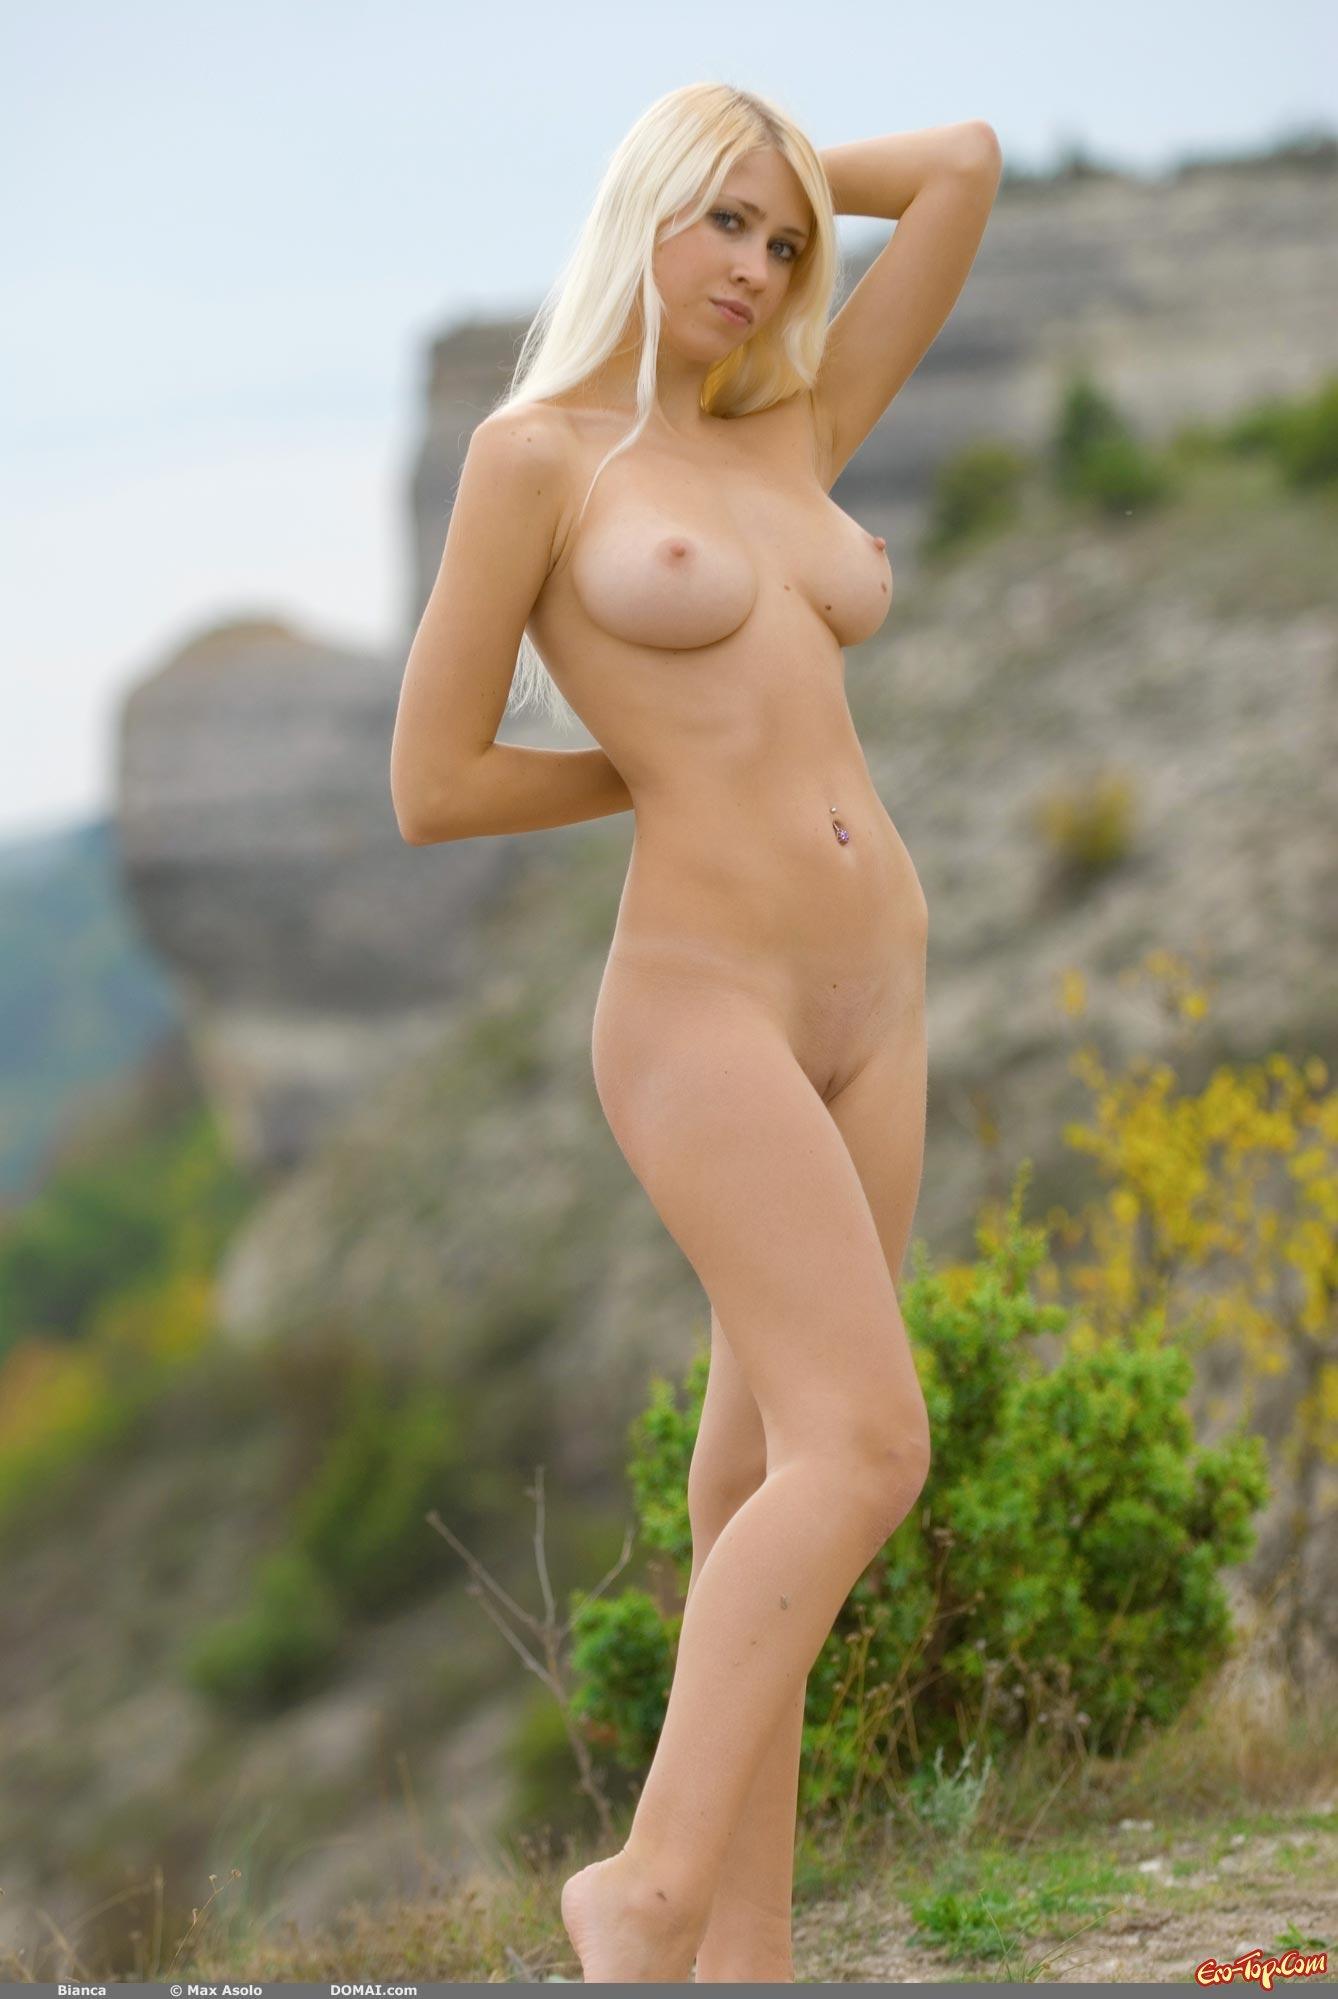 Привлекательная блондинка на свежем воздухе